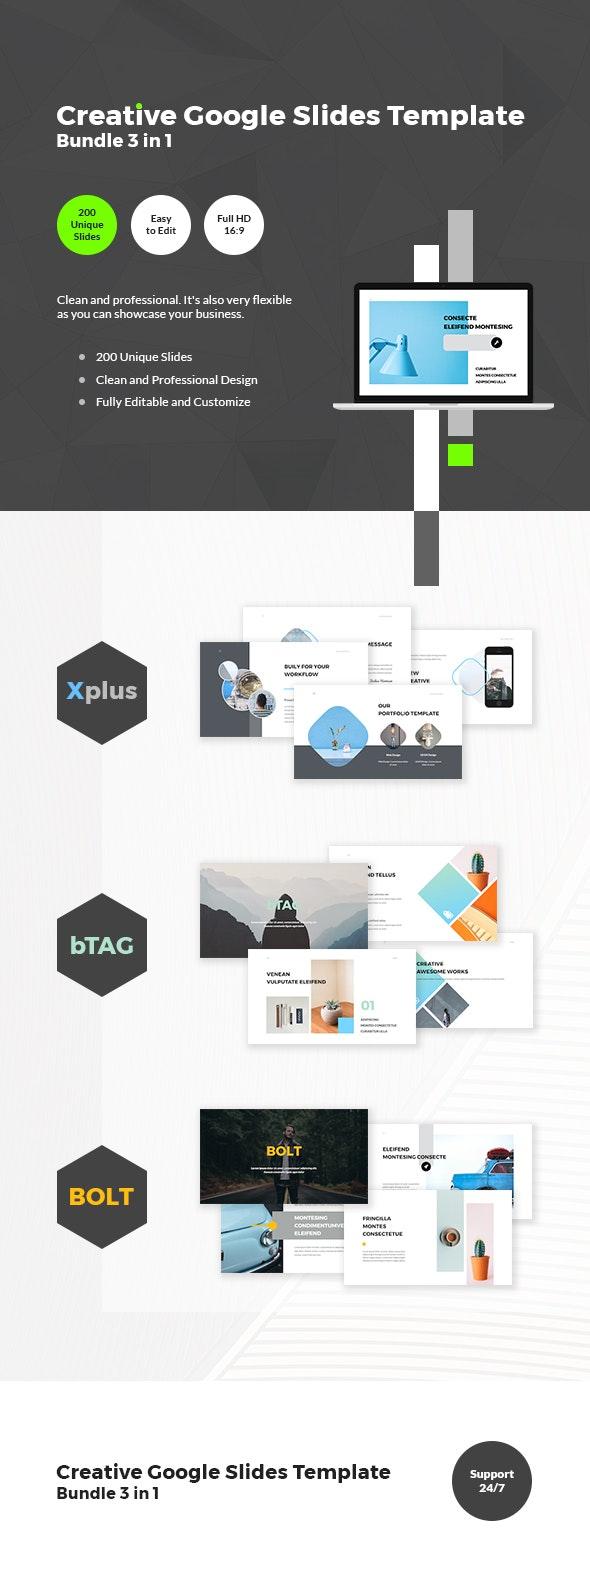 Creative Google Slides Template Bundle 3 in 1 - Google Slides Presentation Templates